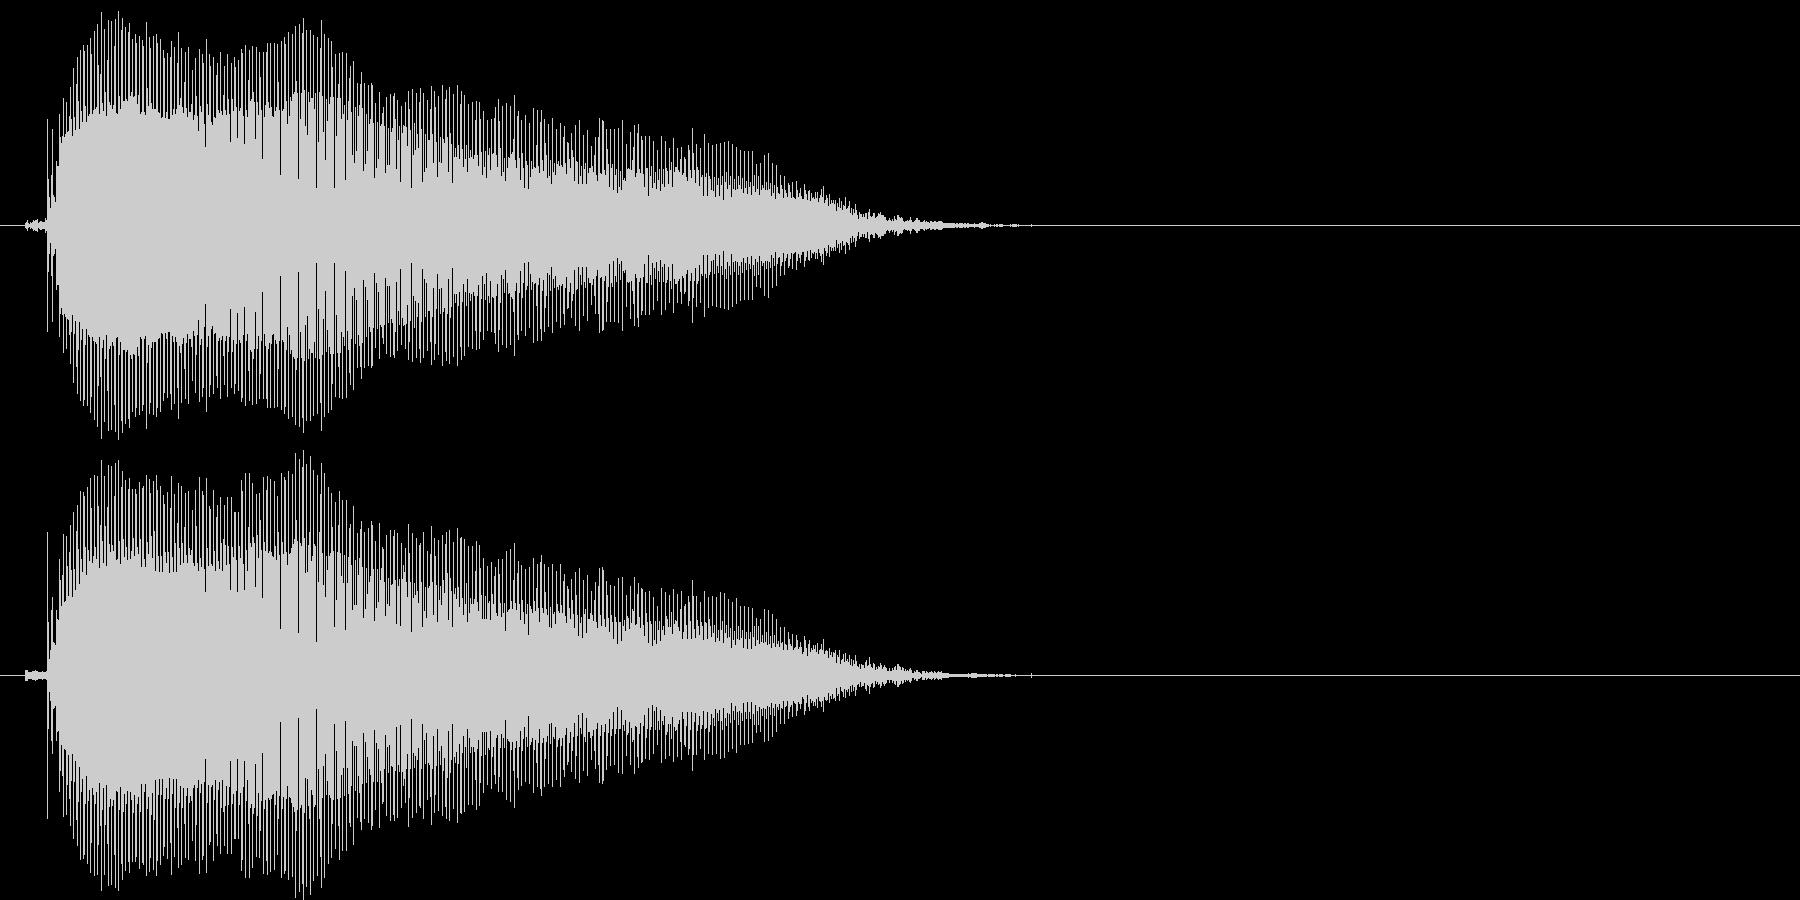 びゃー(1歳児の生声です)の未再生の波形